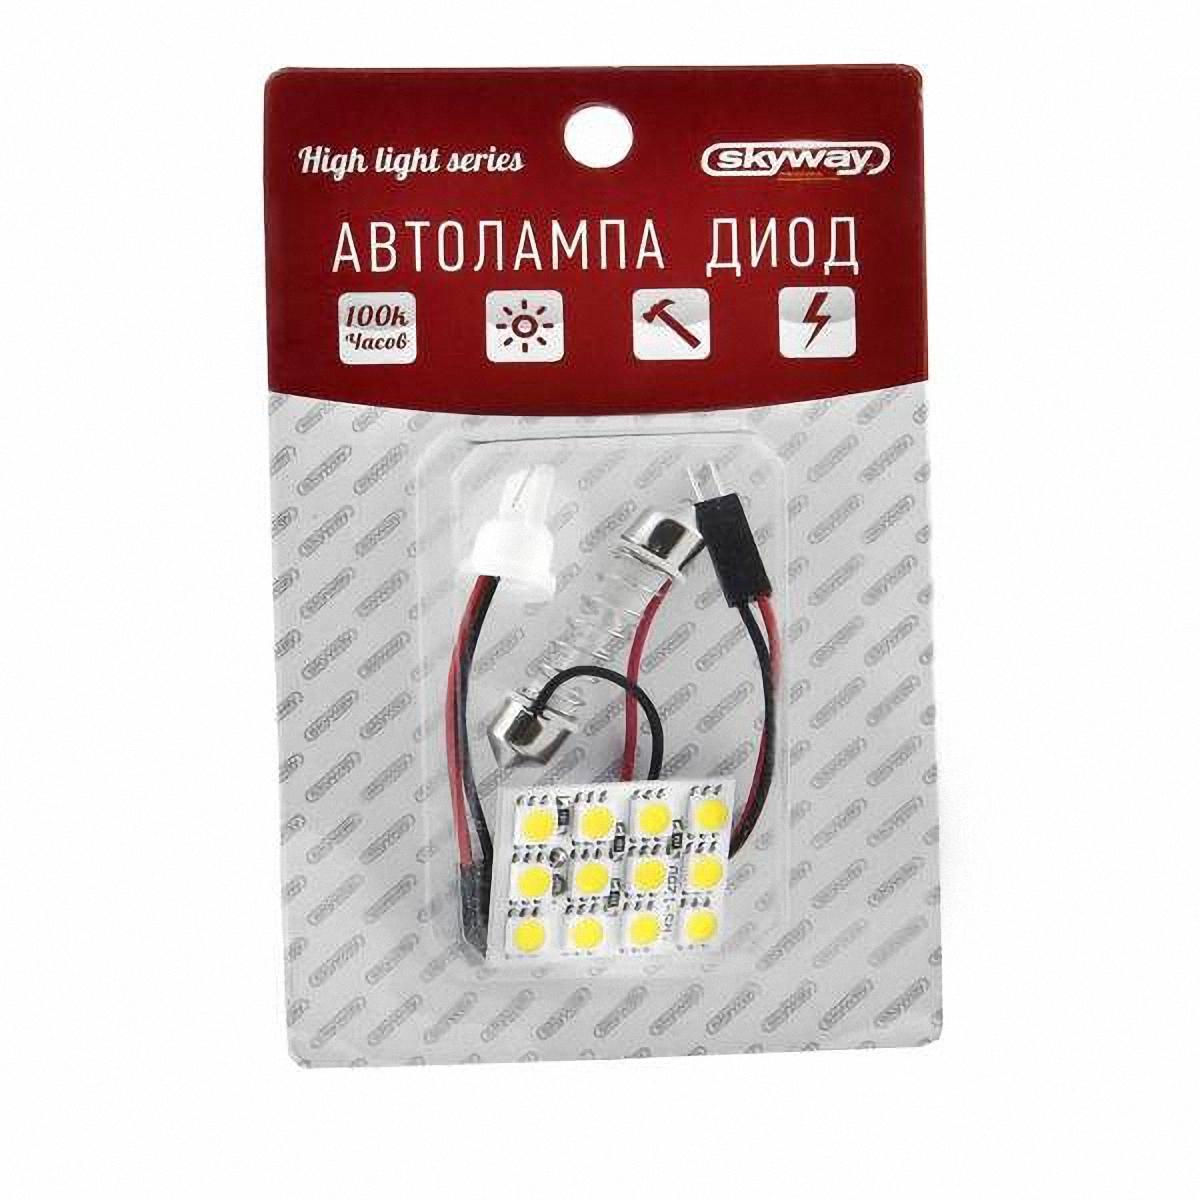 Skyway Панель светодиодная 12V 12 SMD диодов Белая (блистер). S03301001S03301001Светодиодные панели имеют значительно больший срок службы, потребляют намного меньше электроэнергии и выдают свет значительно мягче и ровнее, чем те же люминесцентные лампы, не говоря уже о лампах накаливания. Они очень удобны, легко вставляются и достаточно практичны.